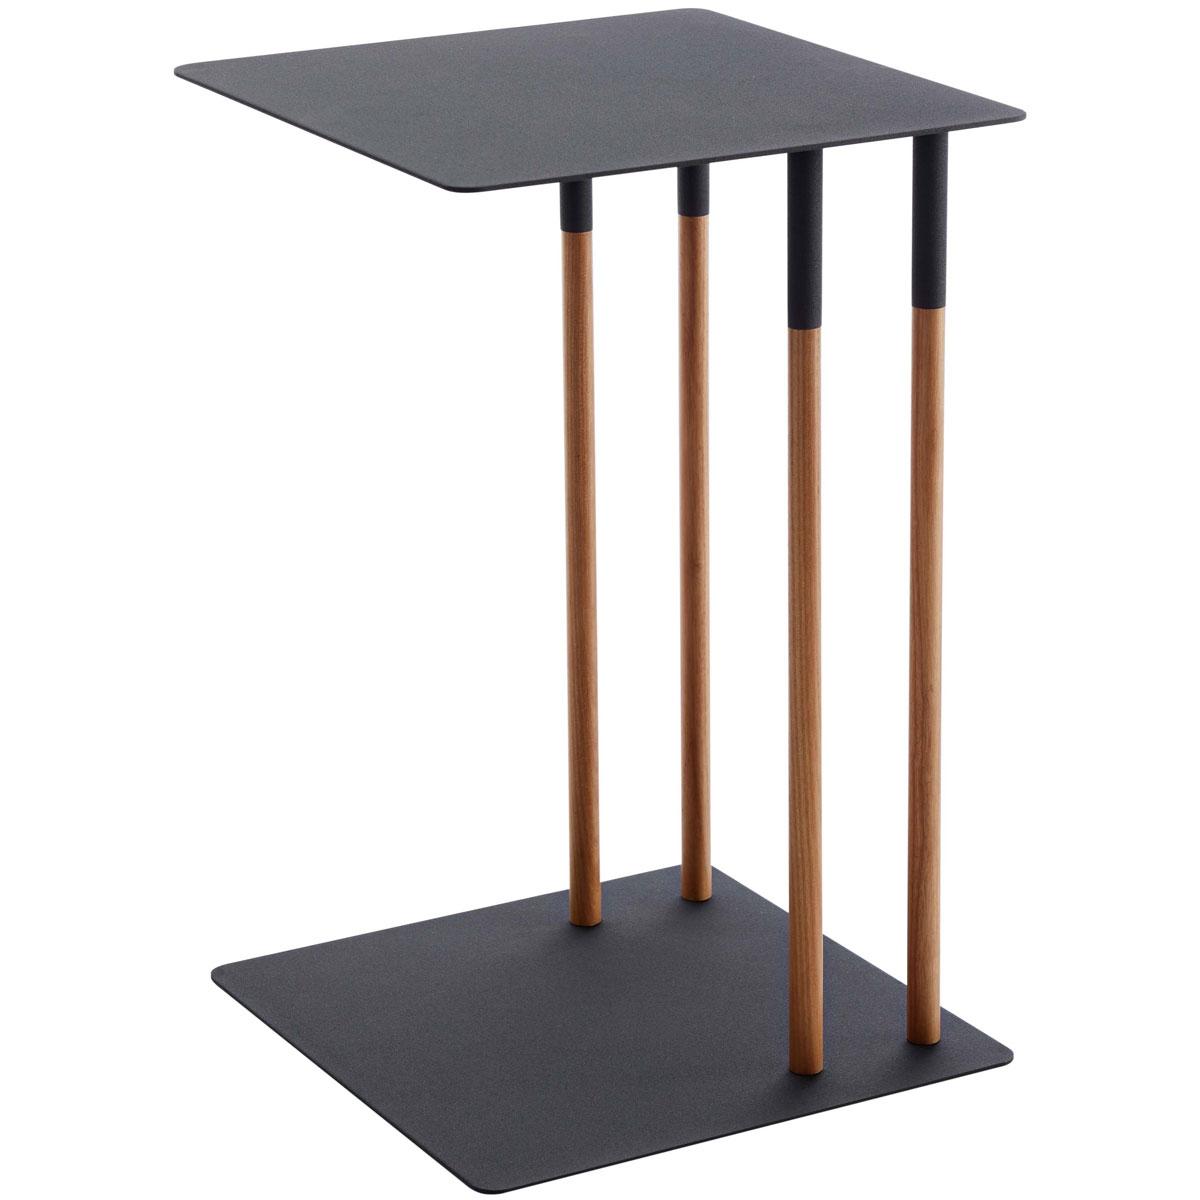 サイドテーブル 山崎実業 PLAIN 差し込みサイドテーブル ソファ ベッド リビング 寝室 天然木 コーヒーテーブル ナイトテーブル YAMAZAKI プレーン ブラック